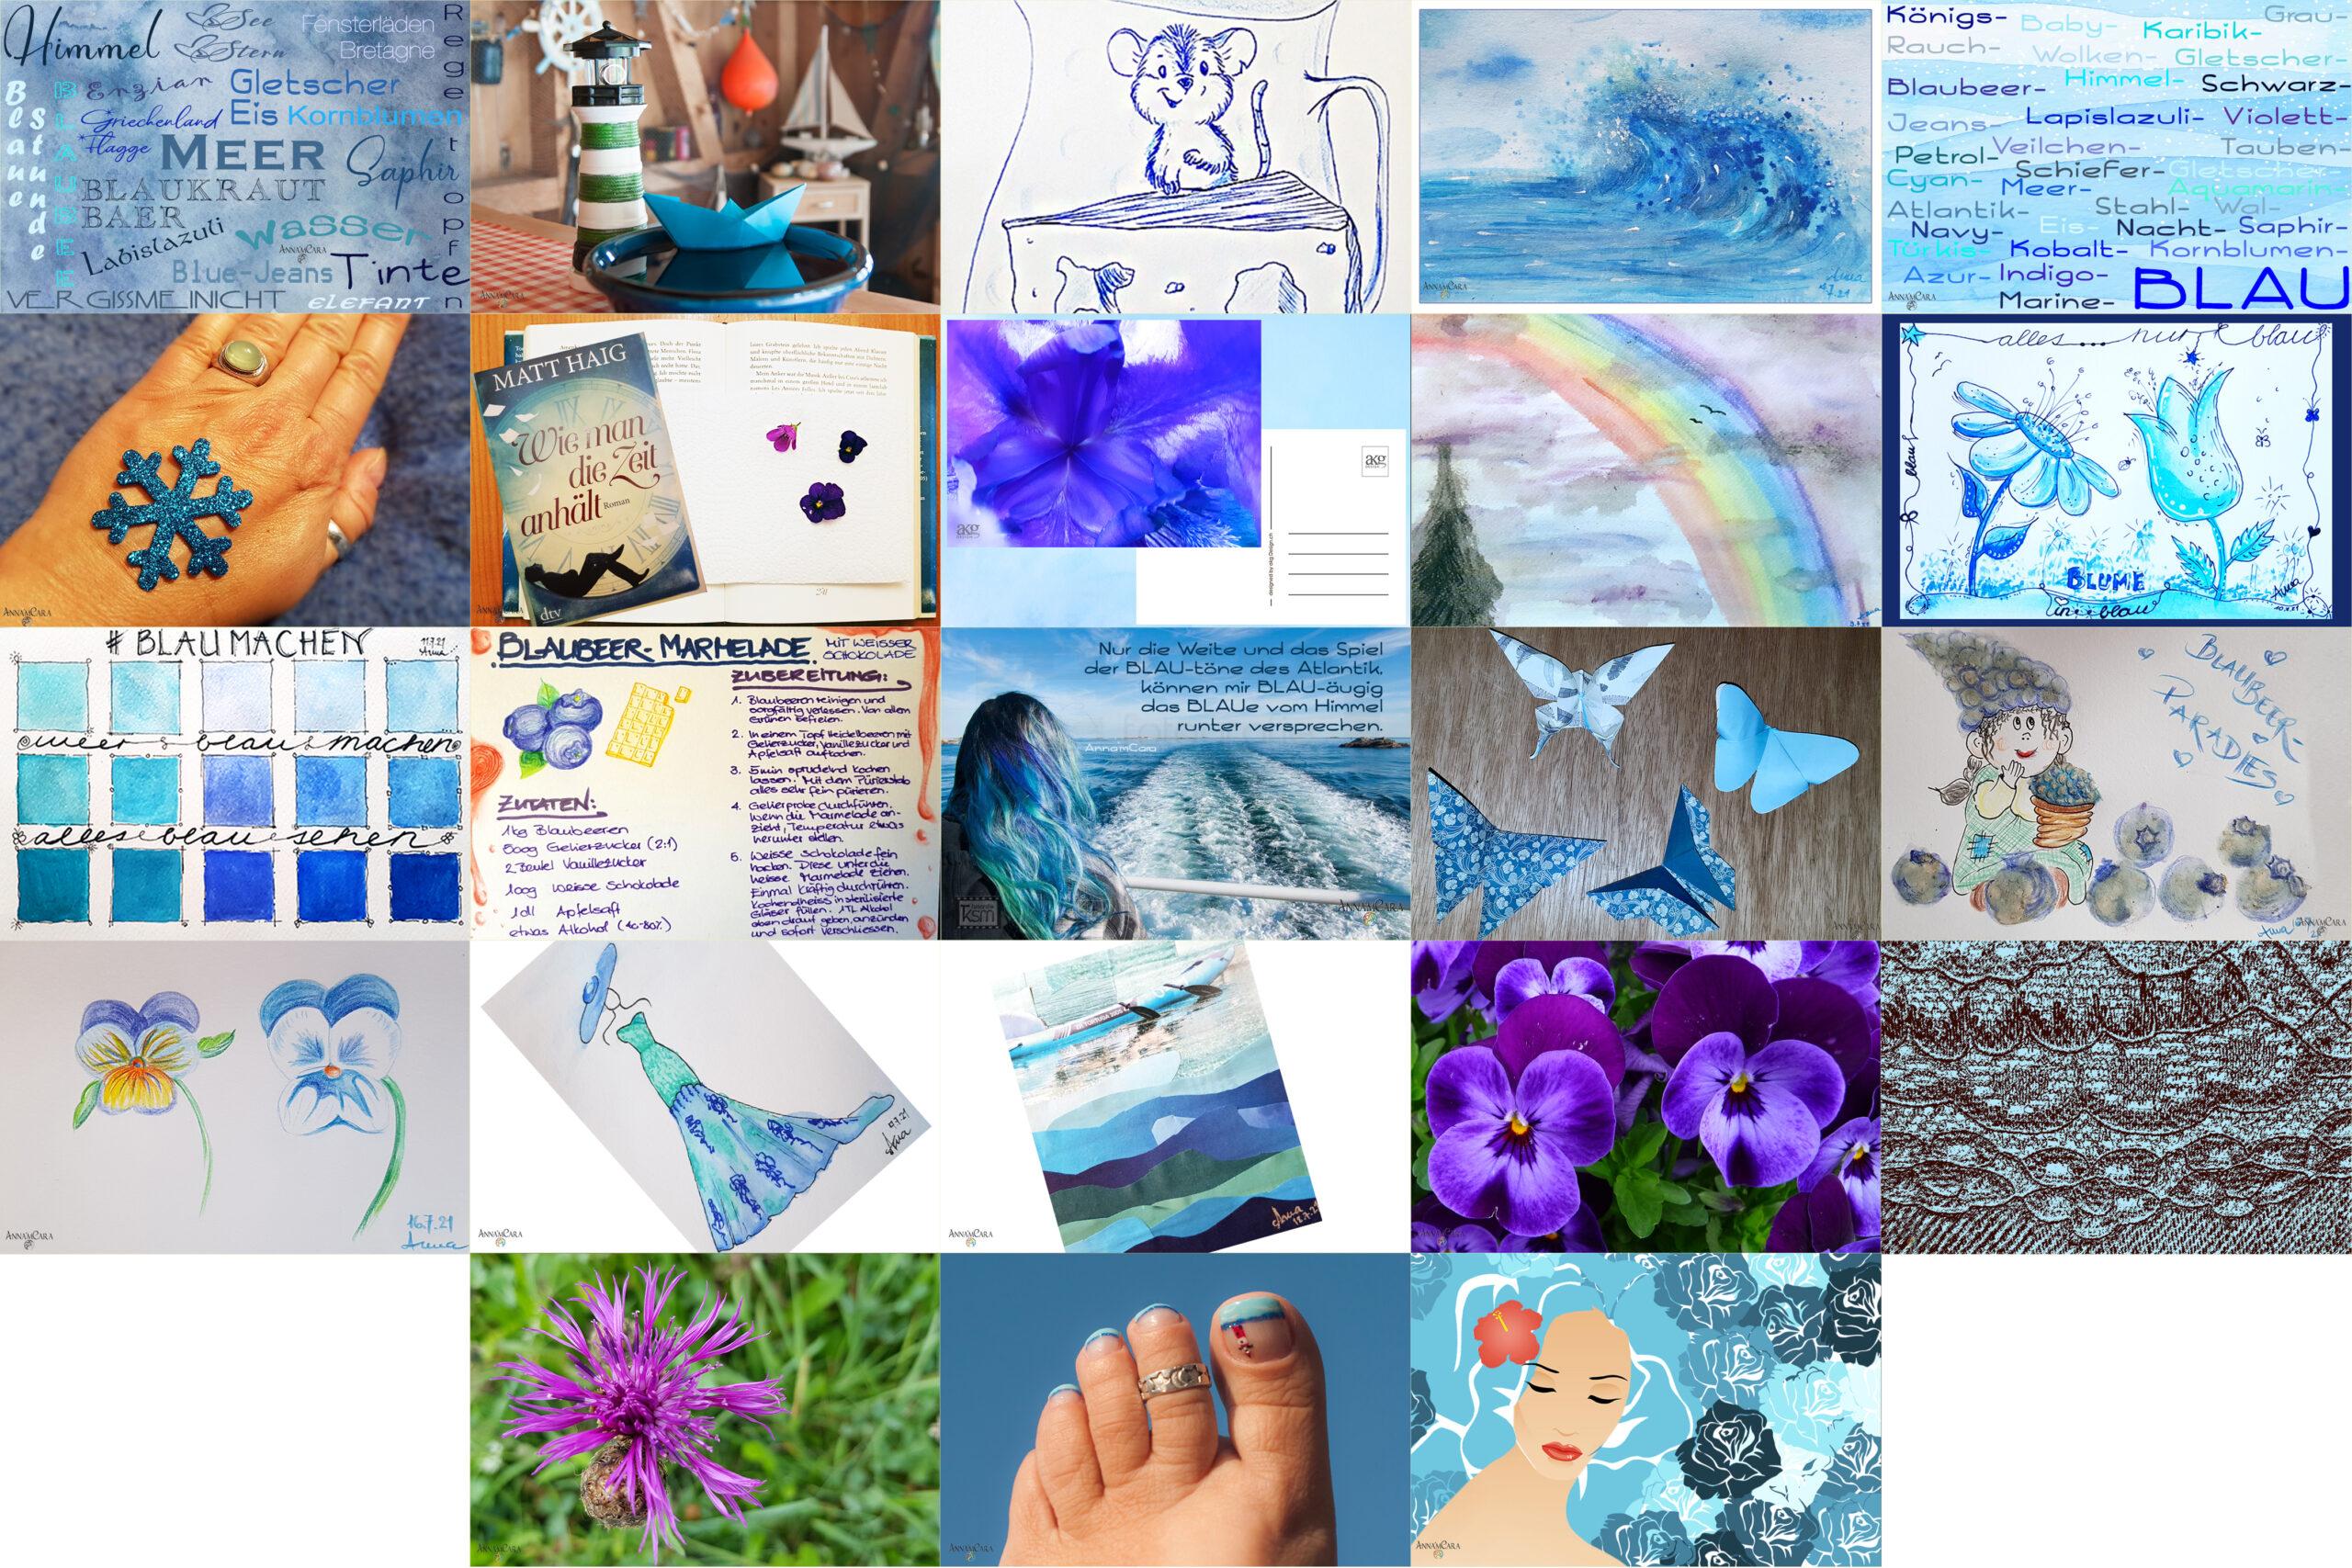 Blau machen im Juli – Tage 17 – 23